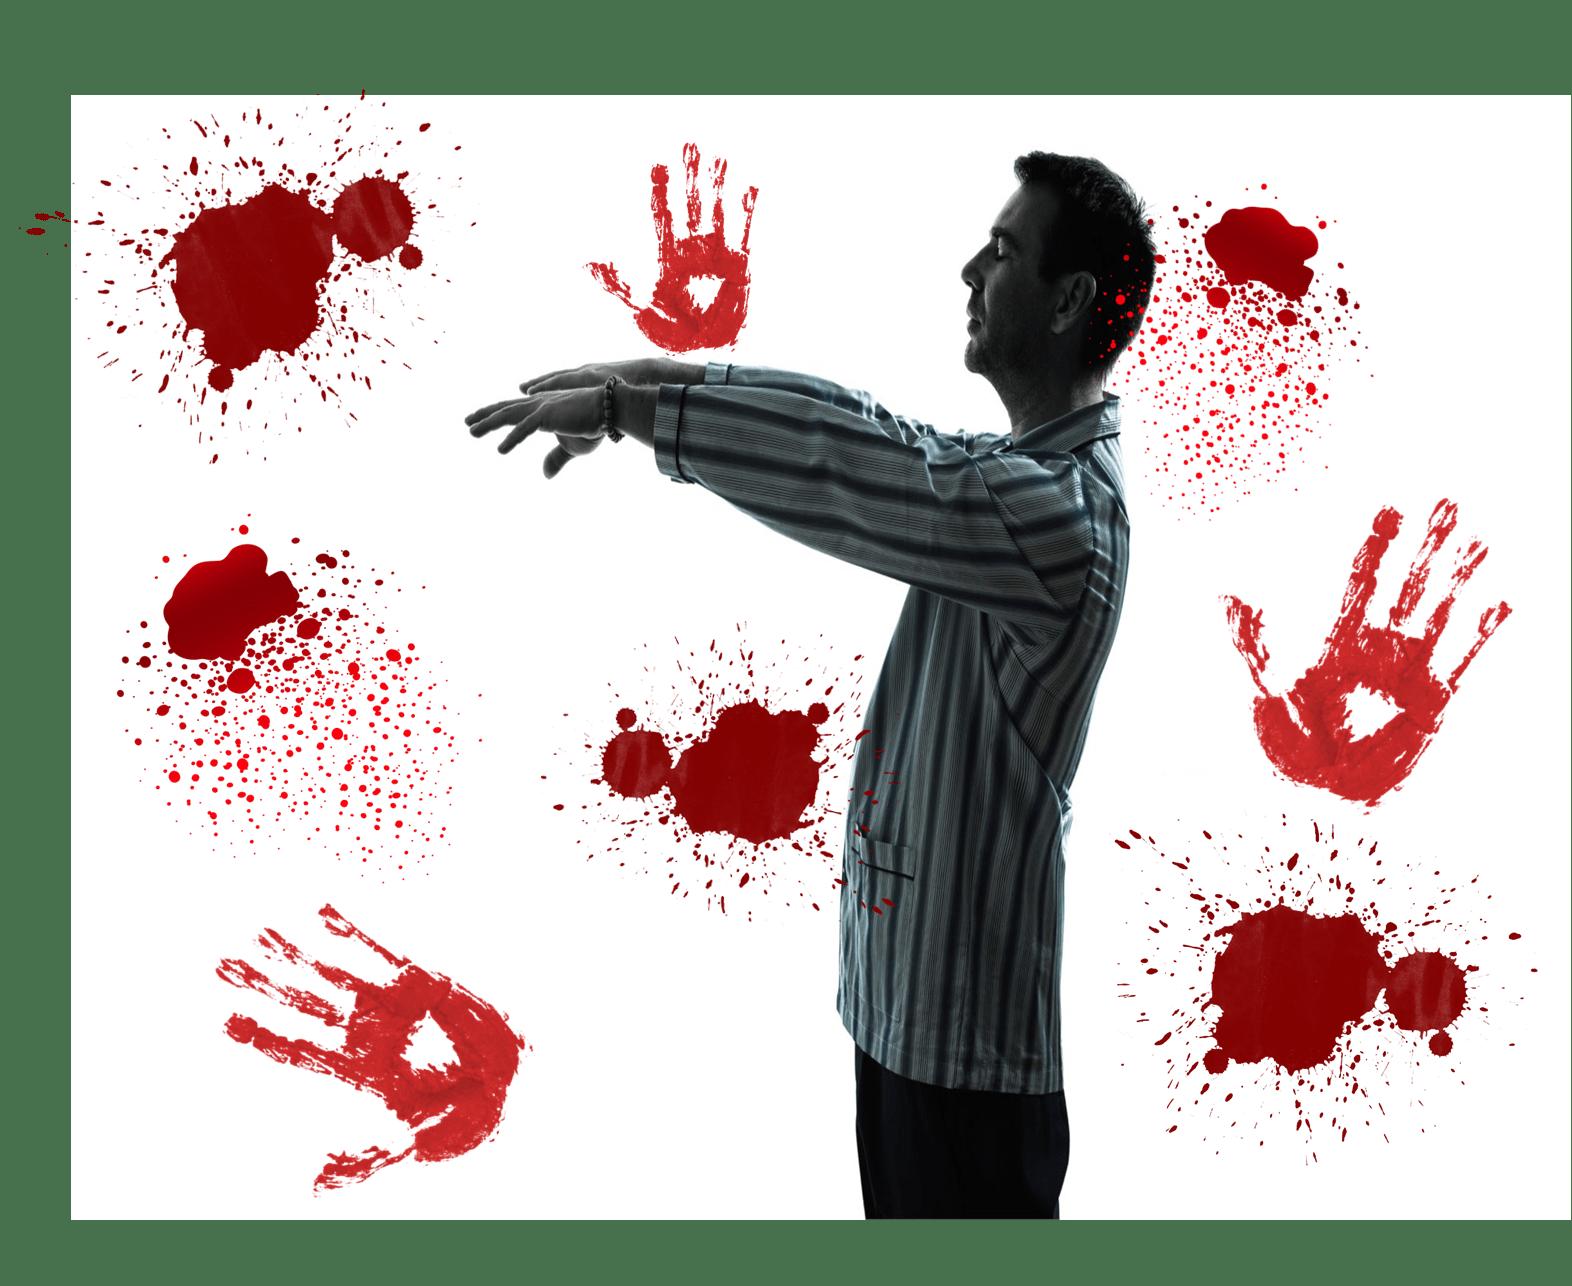 Kenneth-Parks-sonambulismo-noctambulismo-trastornos-sueño-psicologia-misterio-blog-divulgacion-ciencia-cronica-negra-asesinato-asesino-sonambulo-curiosidades